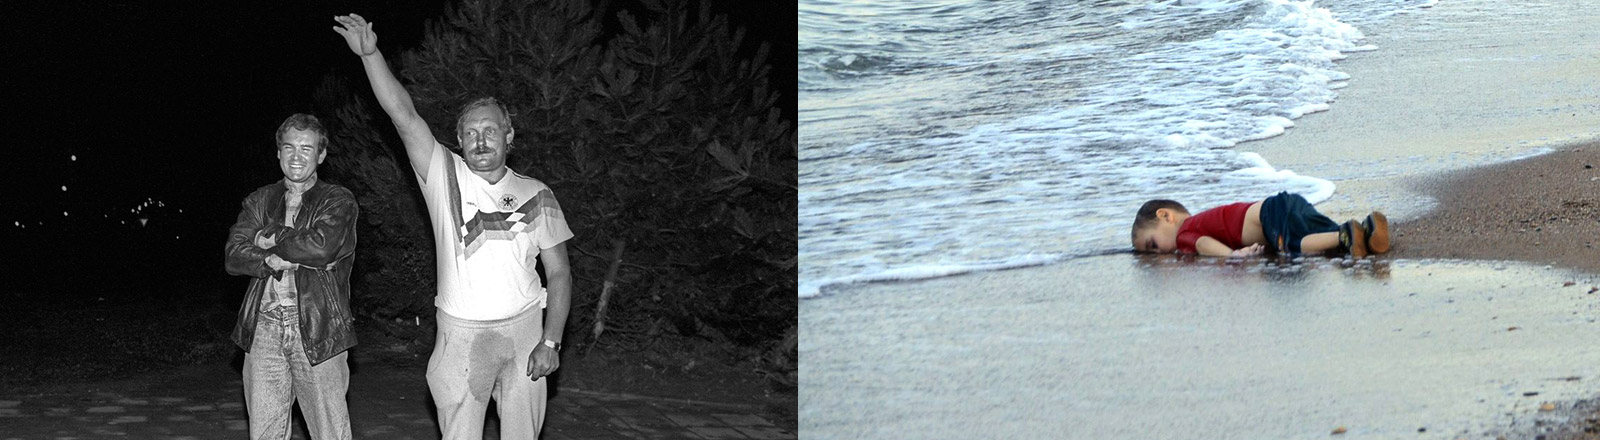 Ein Mann streckt den rechten Arm zum Hitlergruß nach oben. Ein toter Junge liegt am Strand.